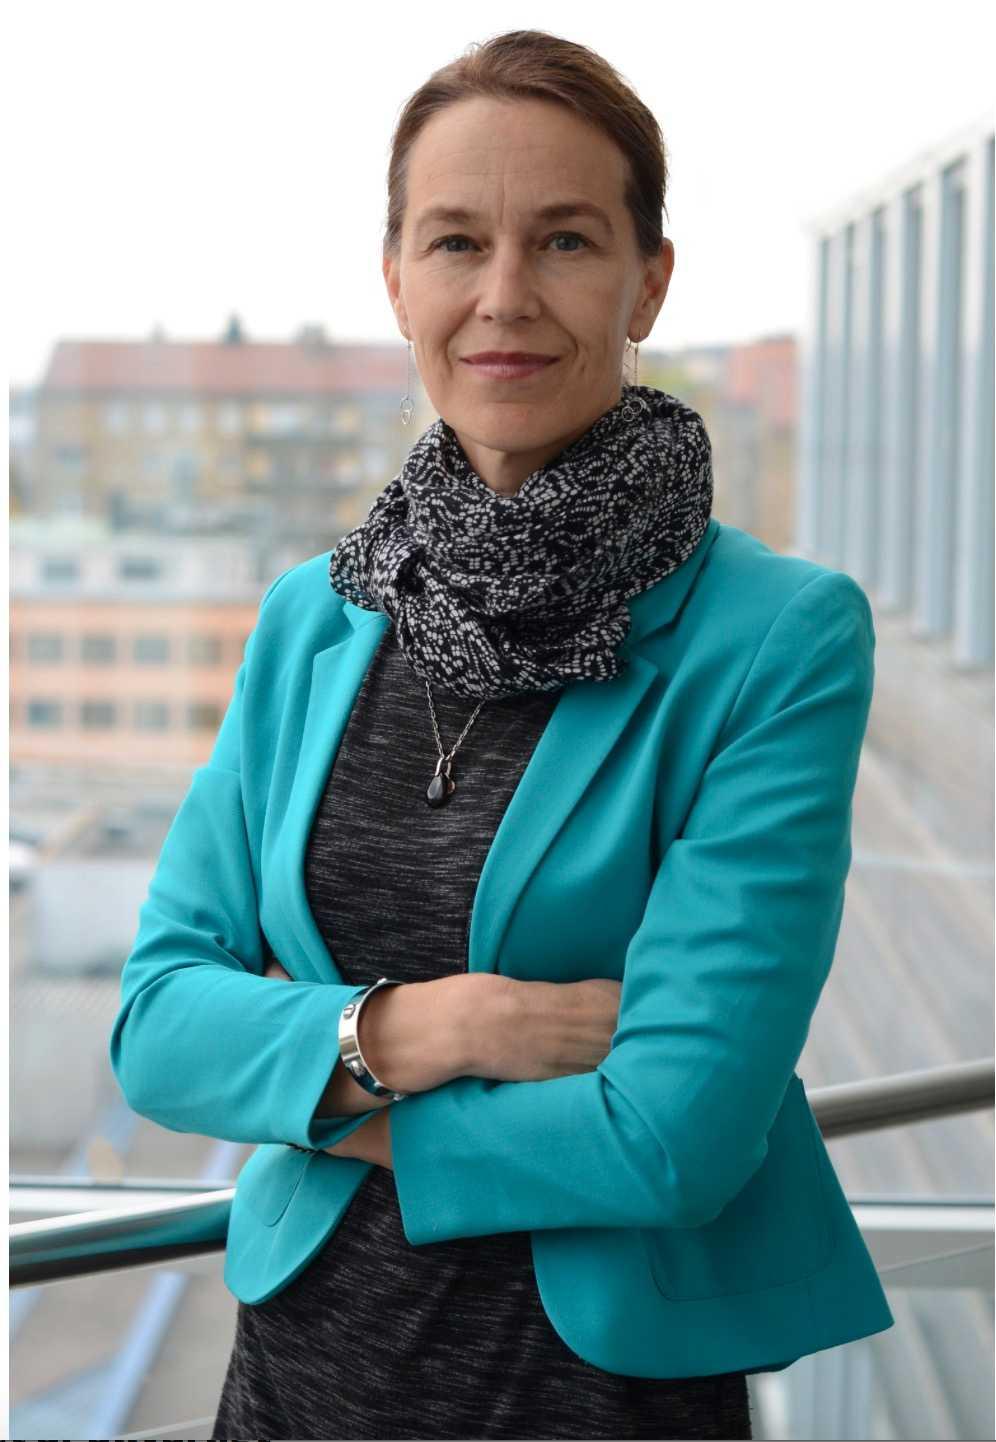 Möjligheten för missbrukare att få vård varierar stort beroende på var i landet du bor, menar Olivia Wigzell, generaldirektör på Socialstyrelsen.